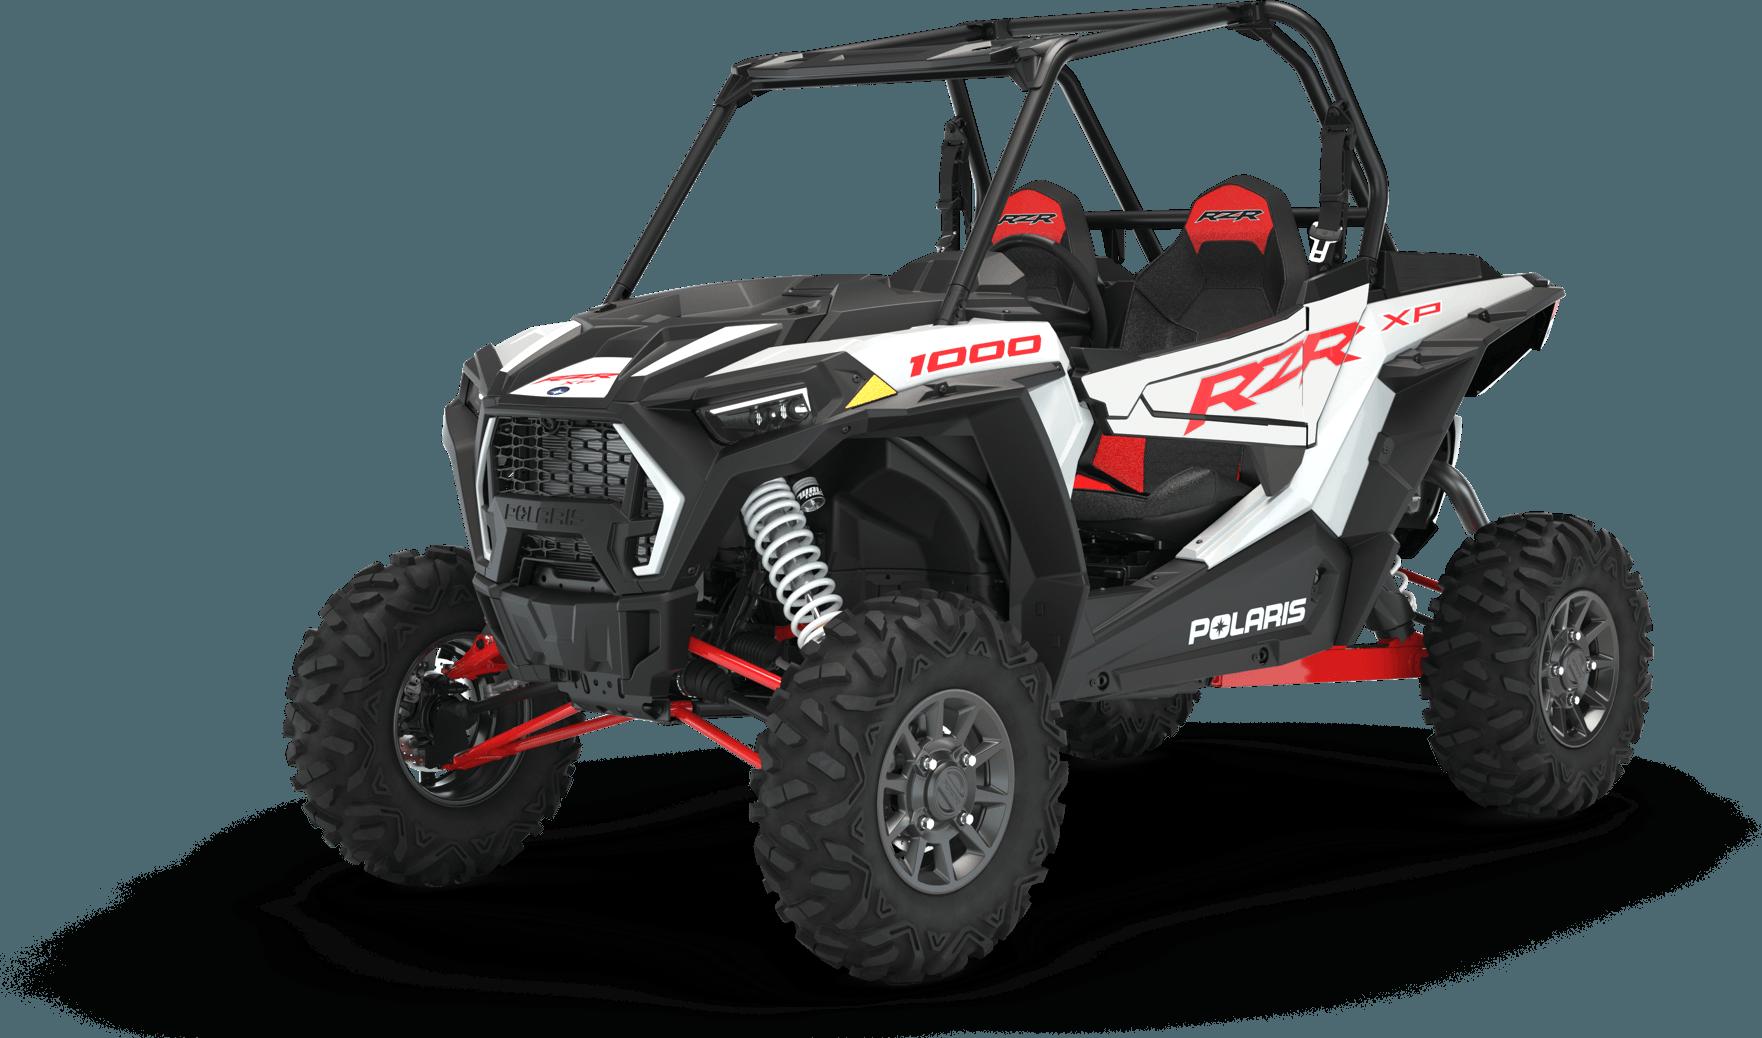 2020 POLARIS RZR XP 1000